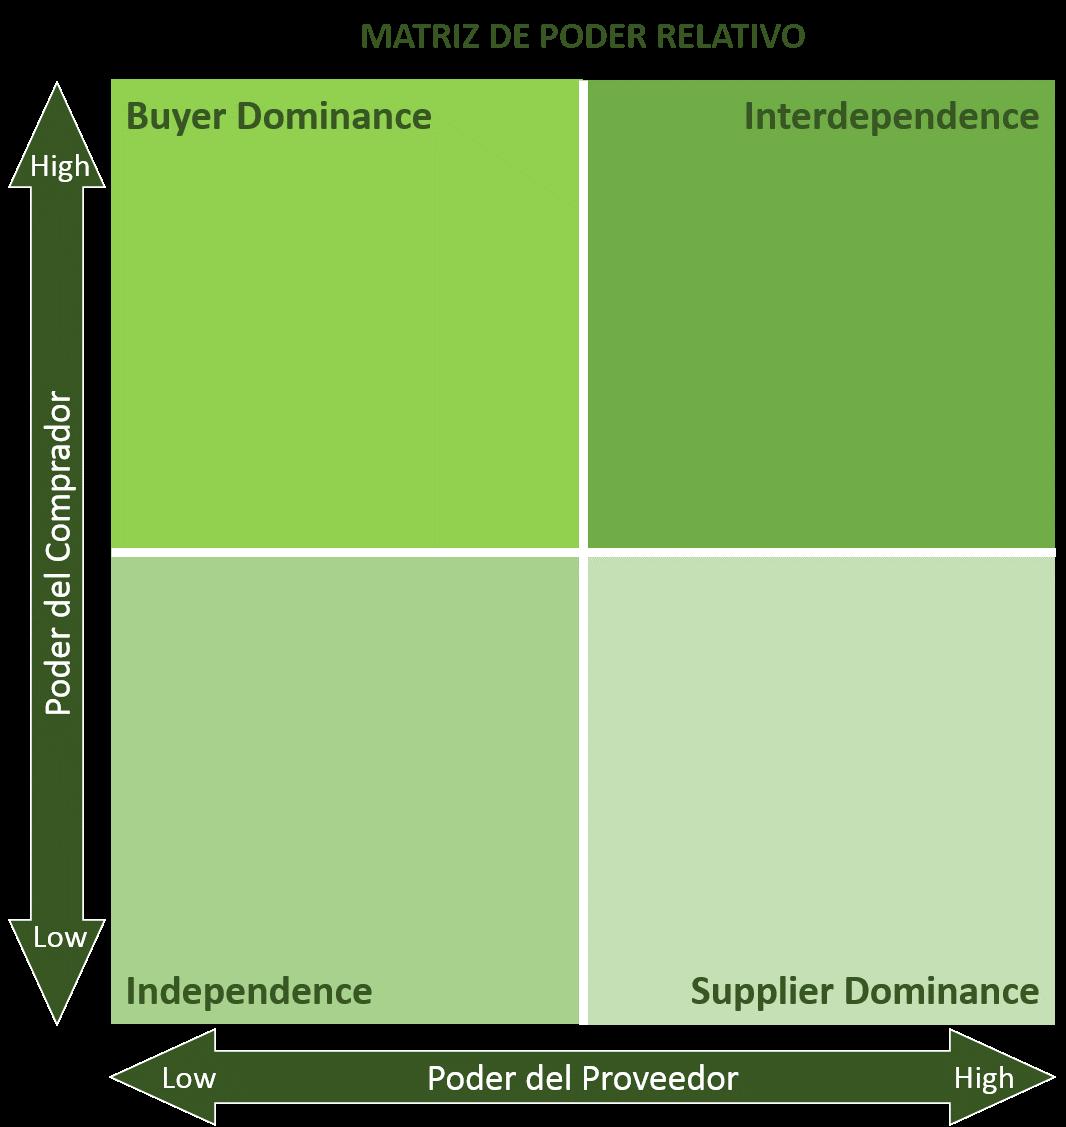 Matriz de poder relativo